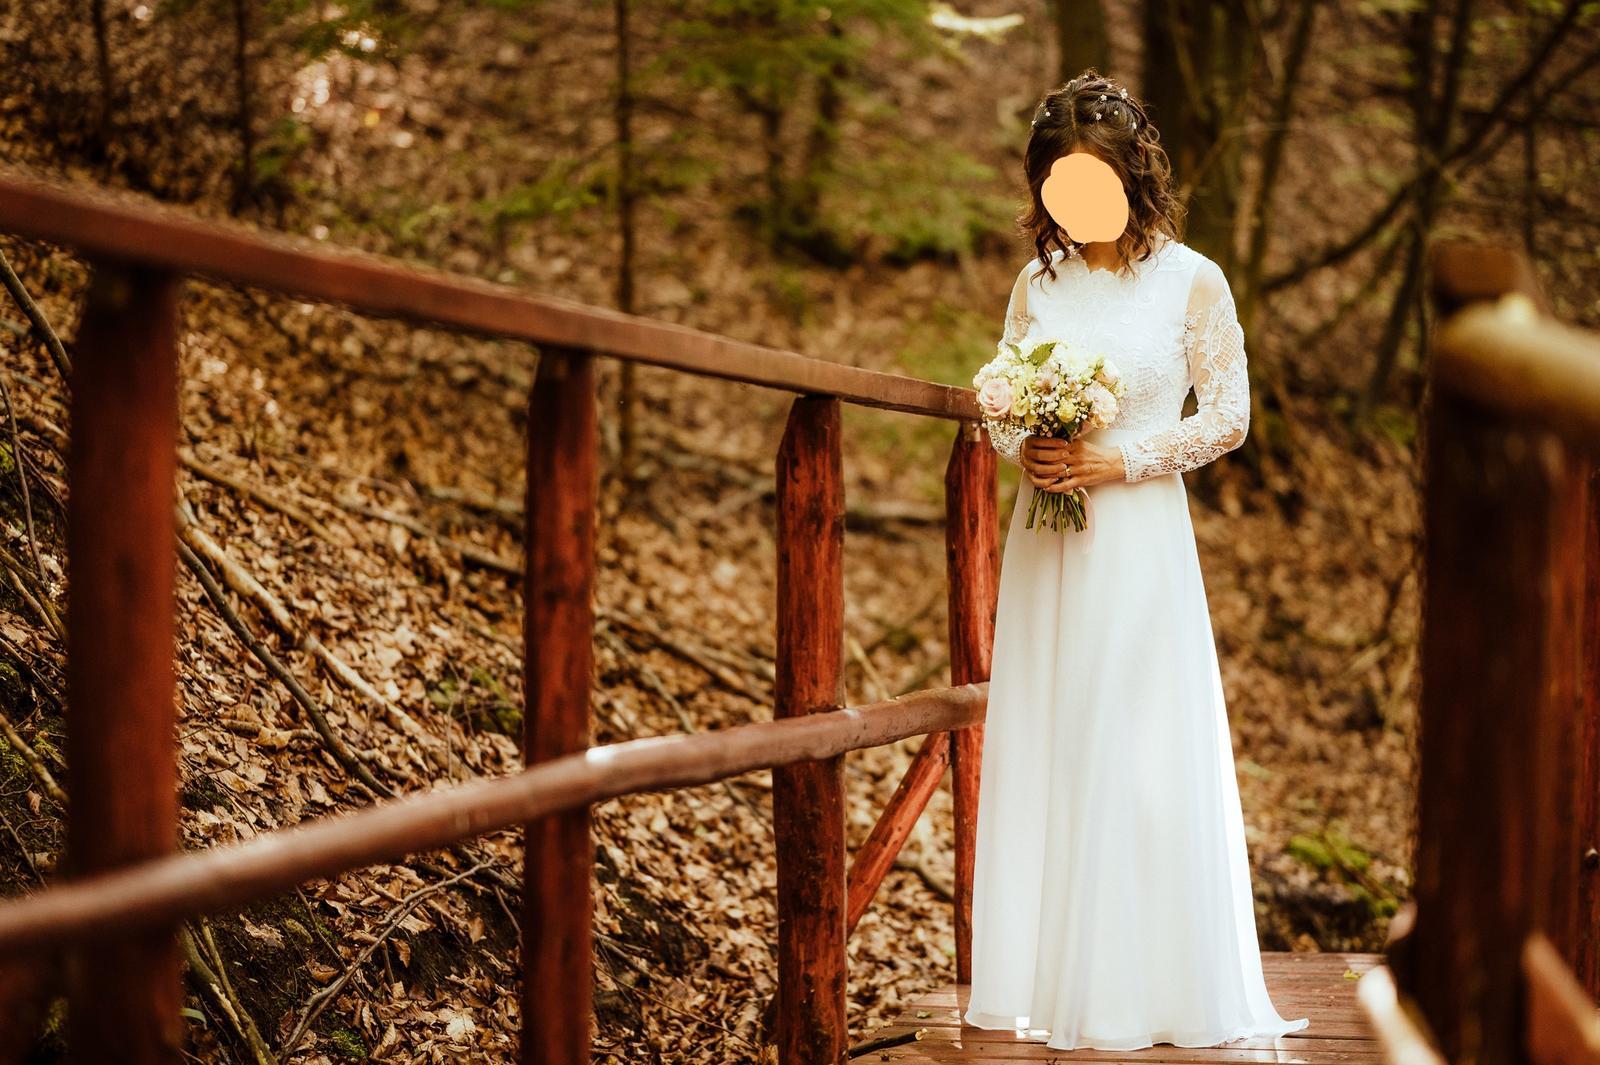 Svadobné šaty vo vintage štýle pre nižšie nevesty :-) - Obrázok č. 1